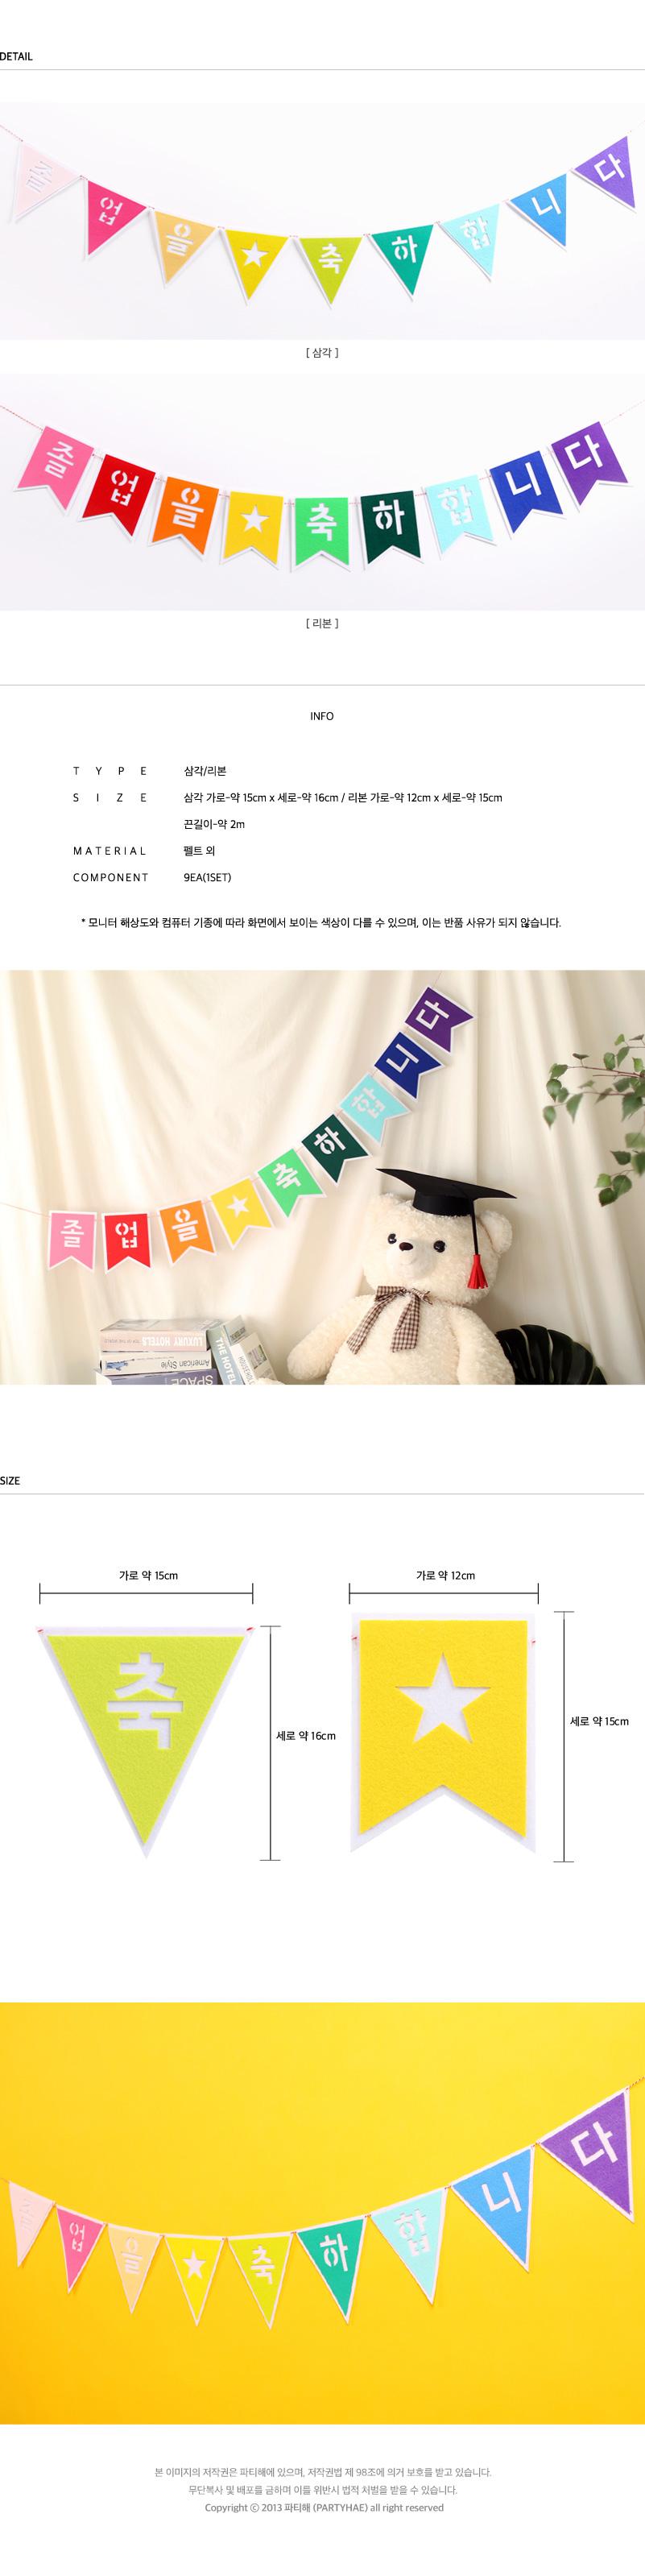 펠트 리본 졸업가랜드(축하) - 파티해, 10,000원, 파티용품, 가랜드/배너/현수막